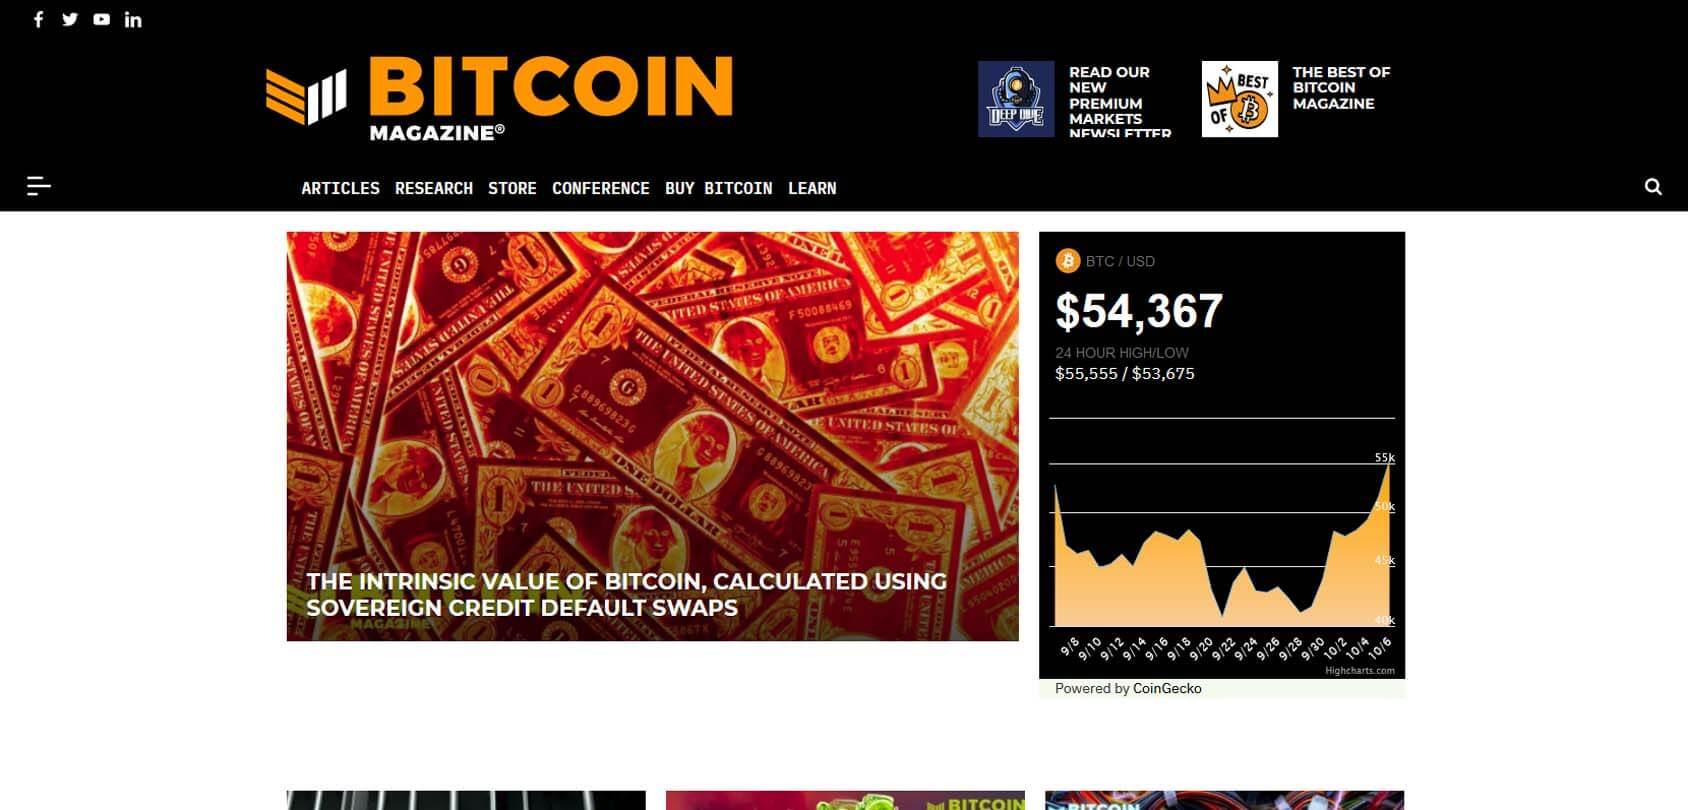 Bitcoin Magazine Homepage